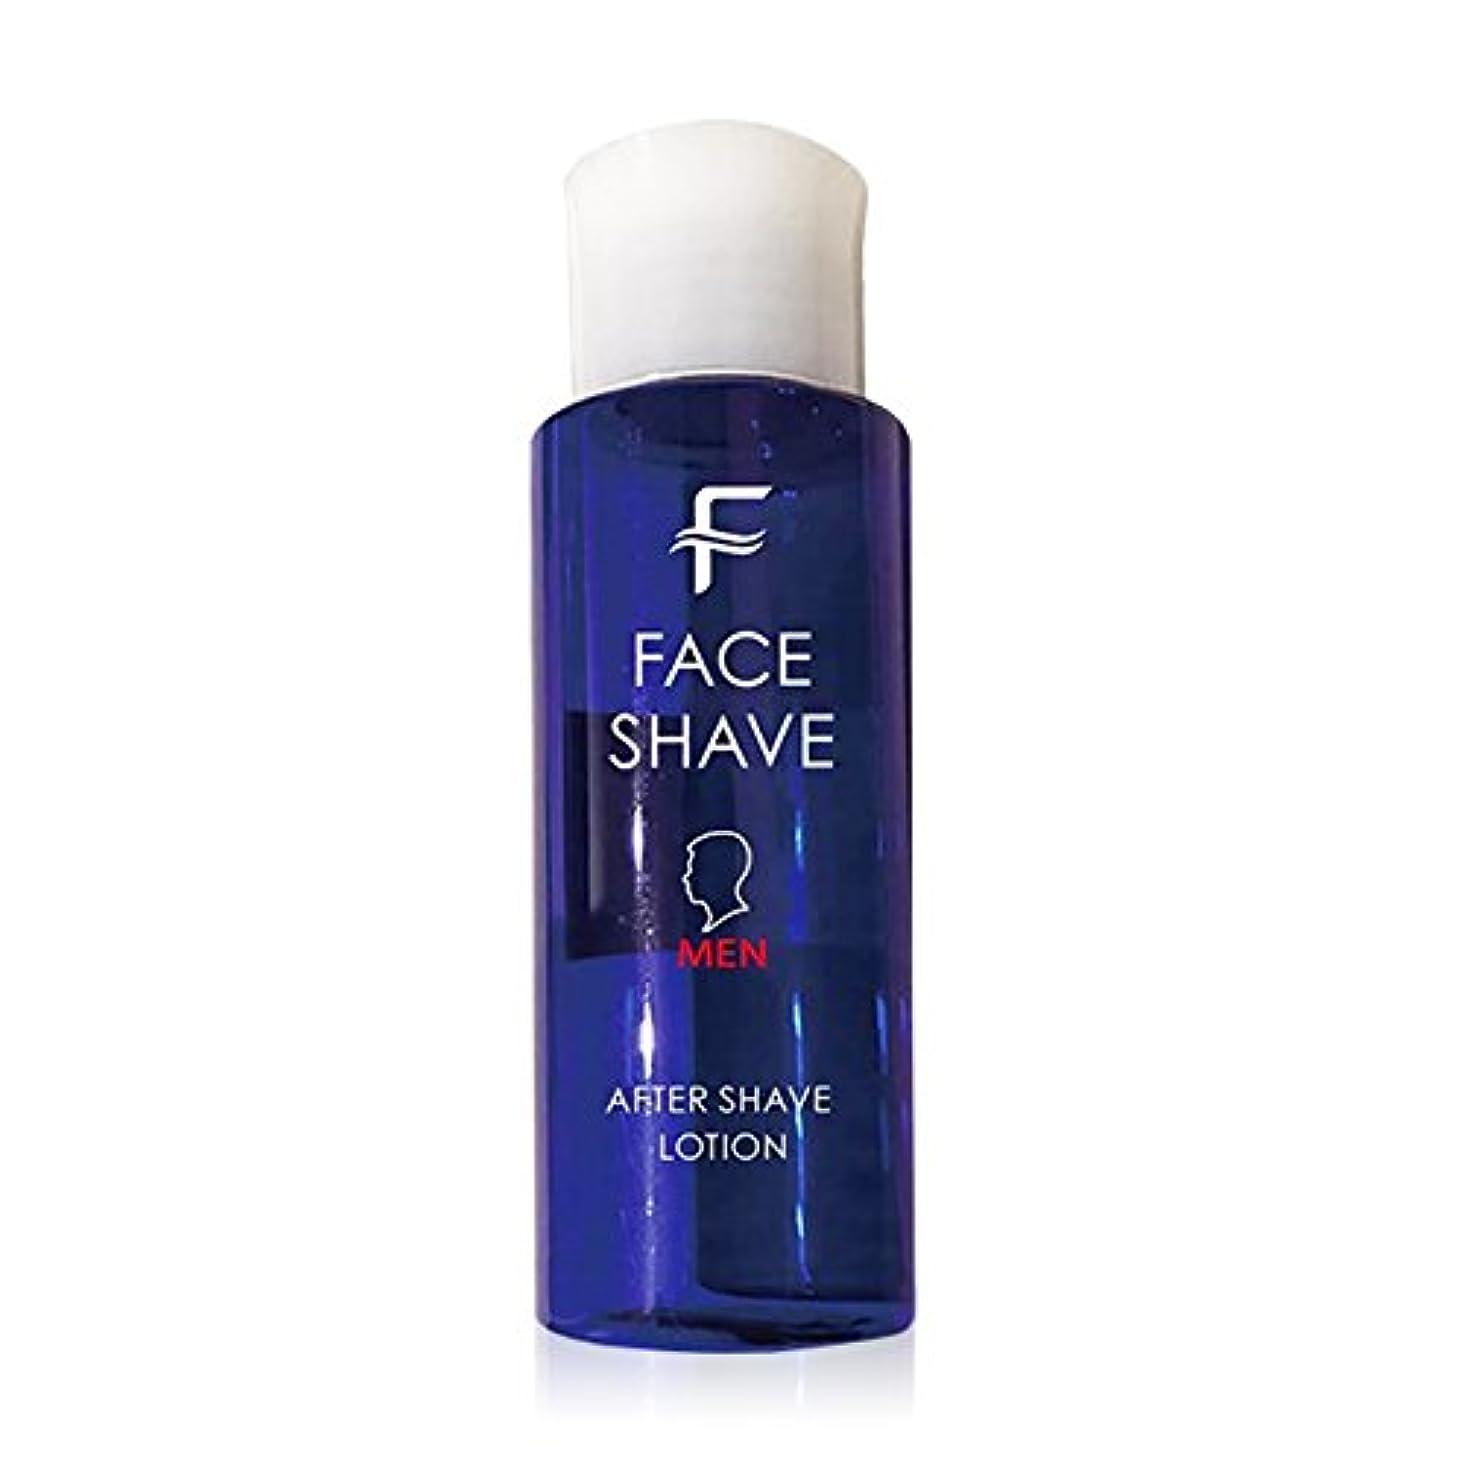 パンフレット商標増幅フェイスシェーブ 青ヒゲ対策~濃いひげ?青ひげに悩む全ての人へ~ 自宅で気になる髭をケア